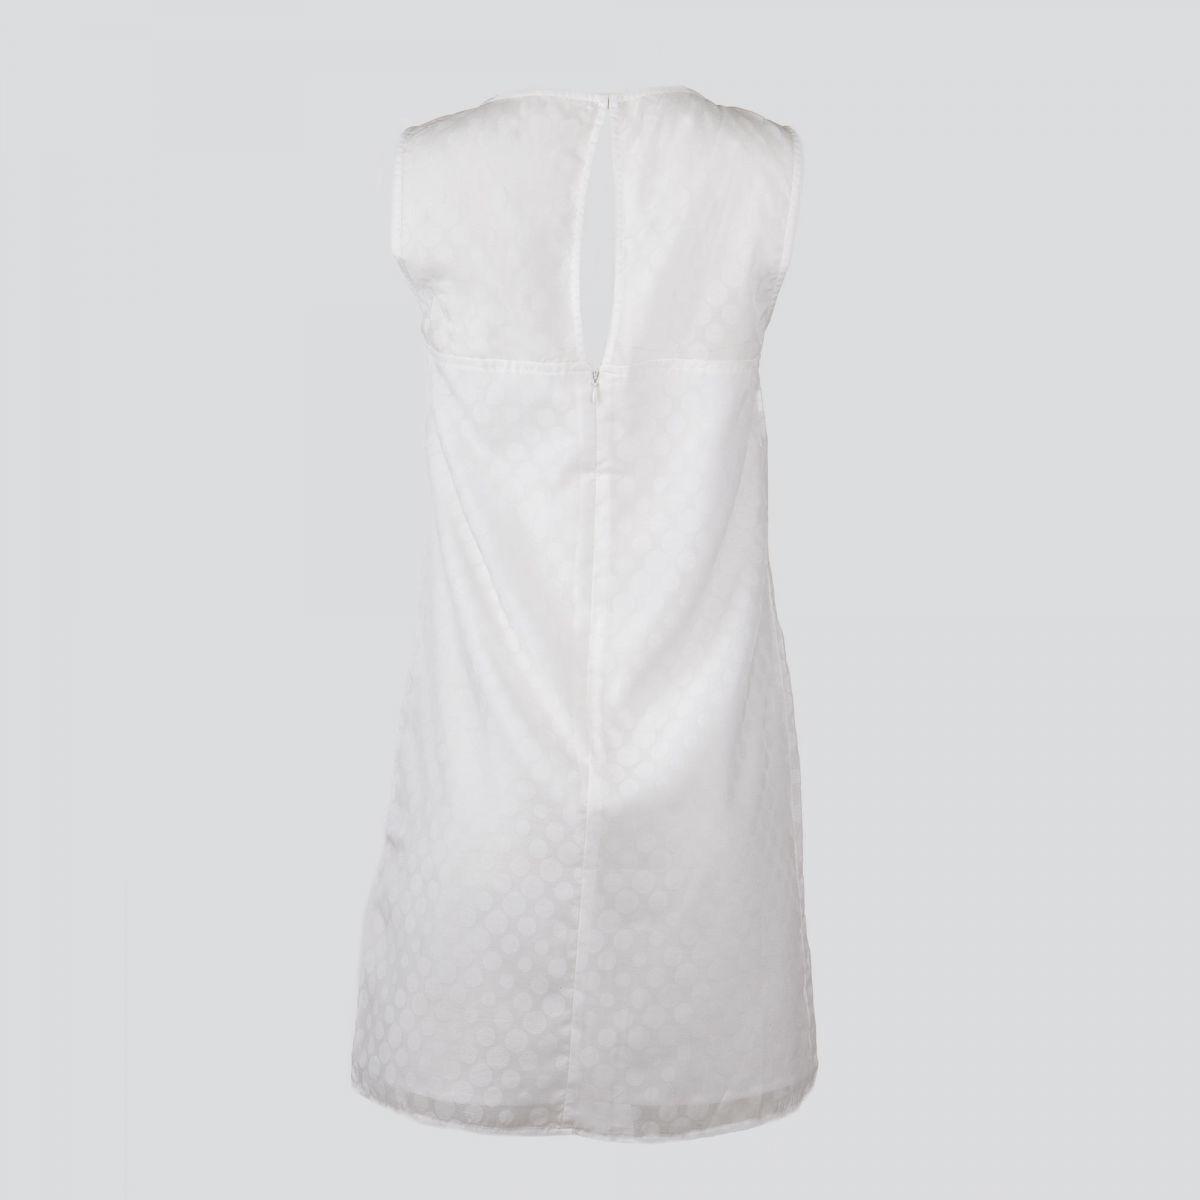 robe blanche pois femme ddp prix d griff. Black Bedroom Furniture Sets. Home Design Ideas